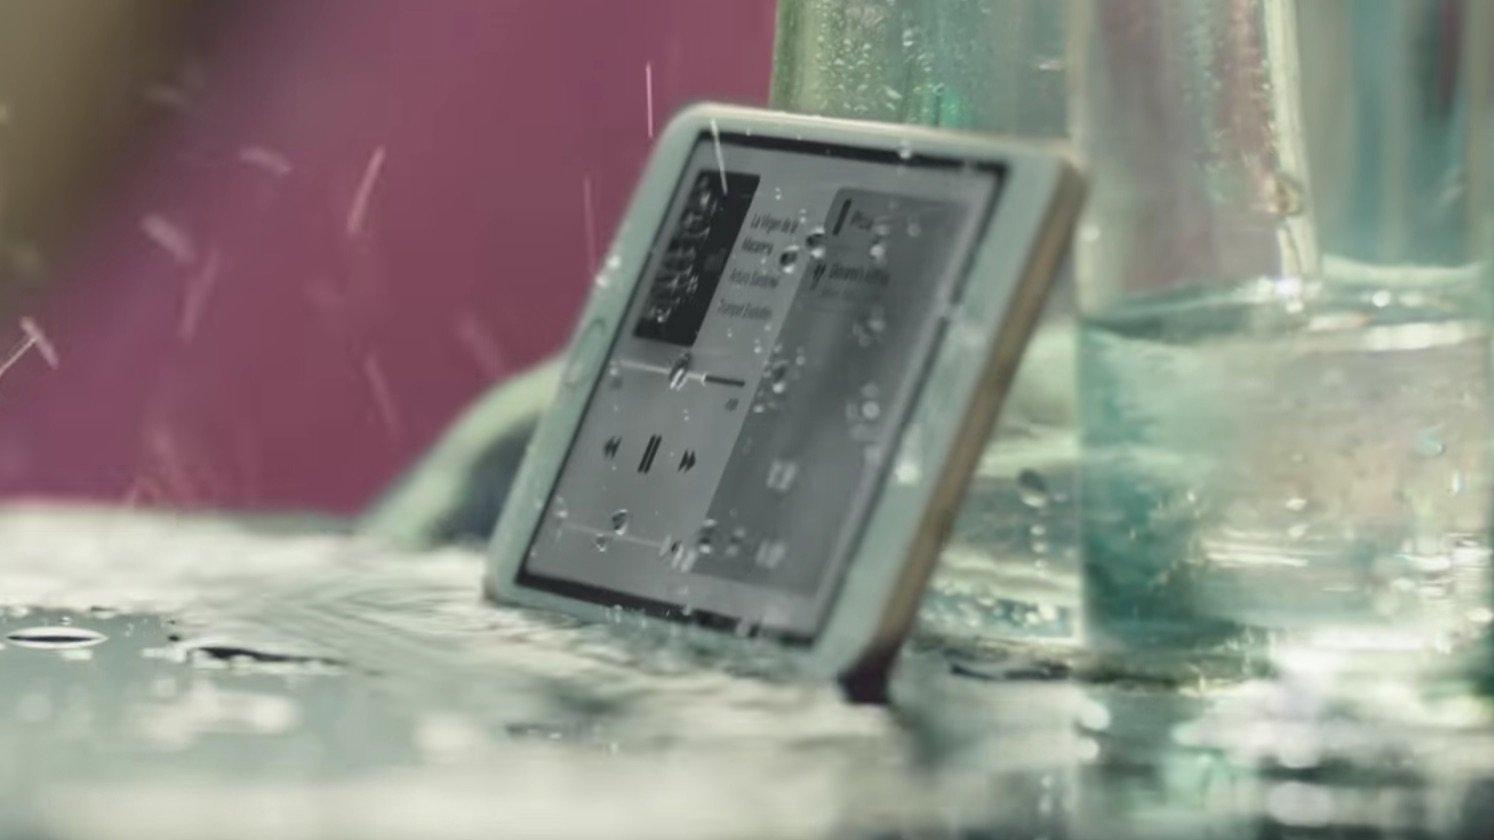 Flüssigkeitssensoren am iPhone auf Wasserschäden prüfen 1